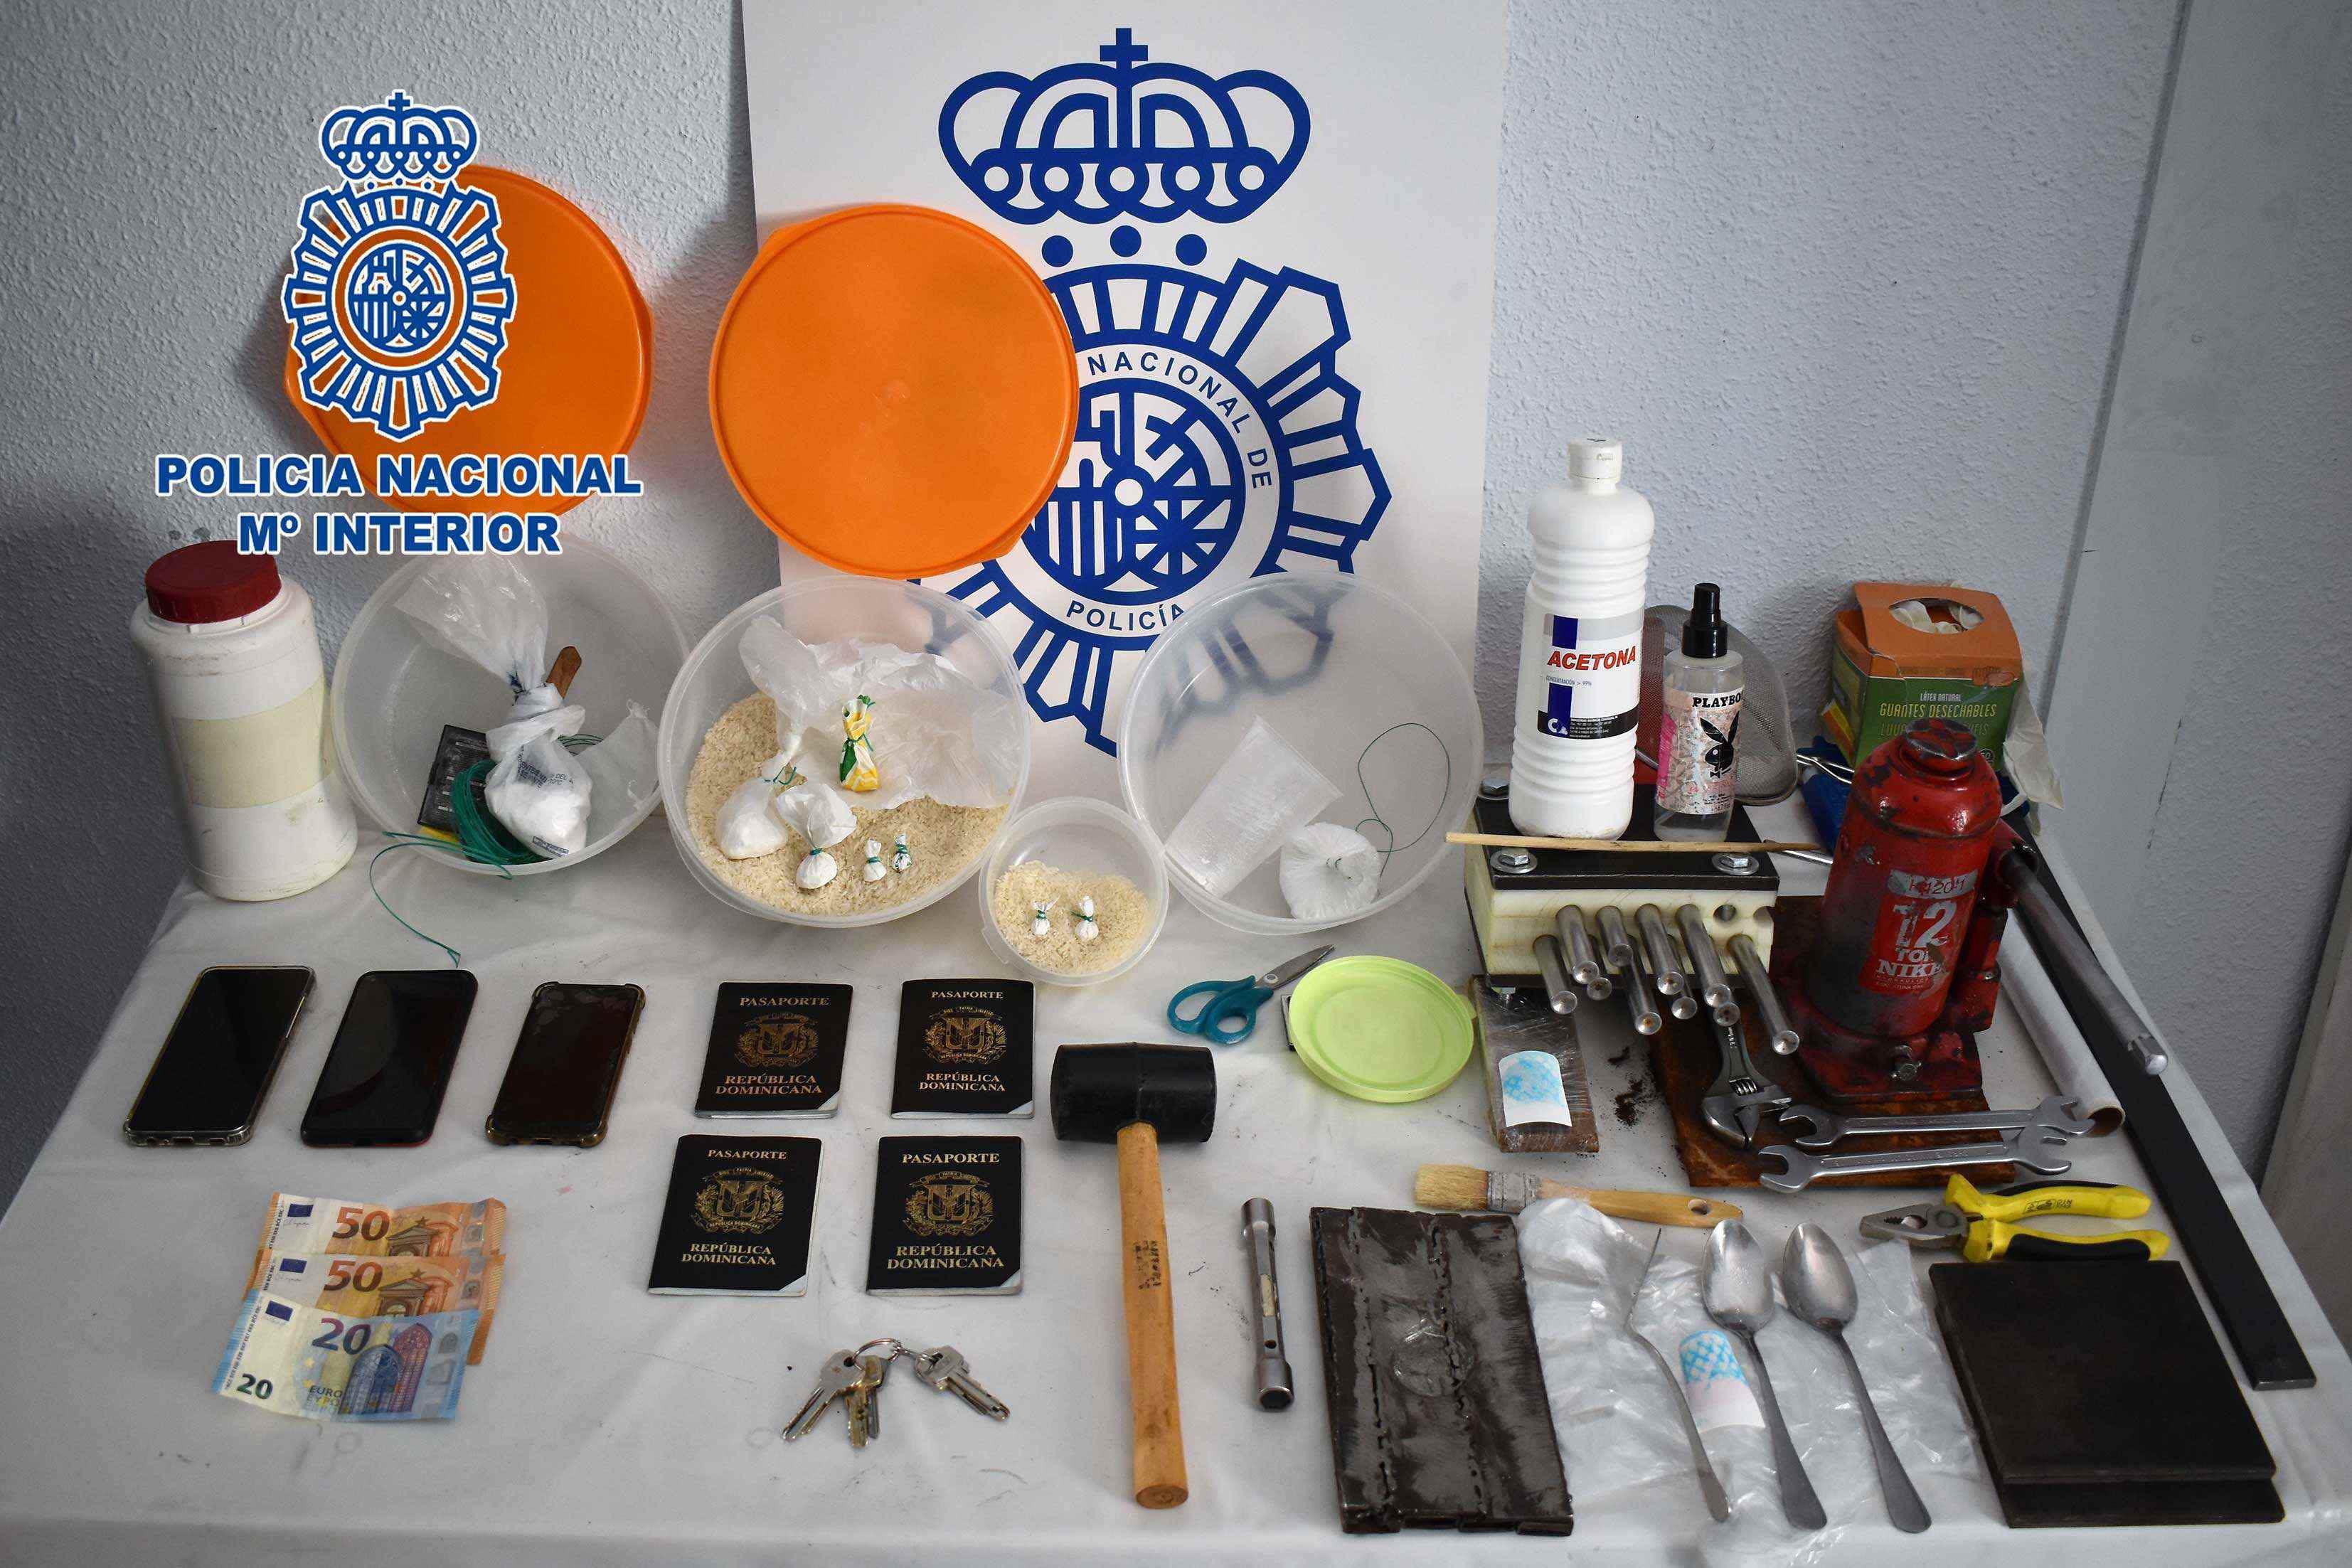 La Policía Nacional desmantela un importante punto de venta de cocaína en Alcázar de San Juan